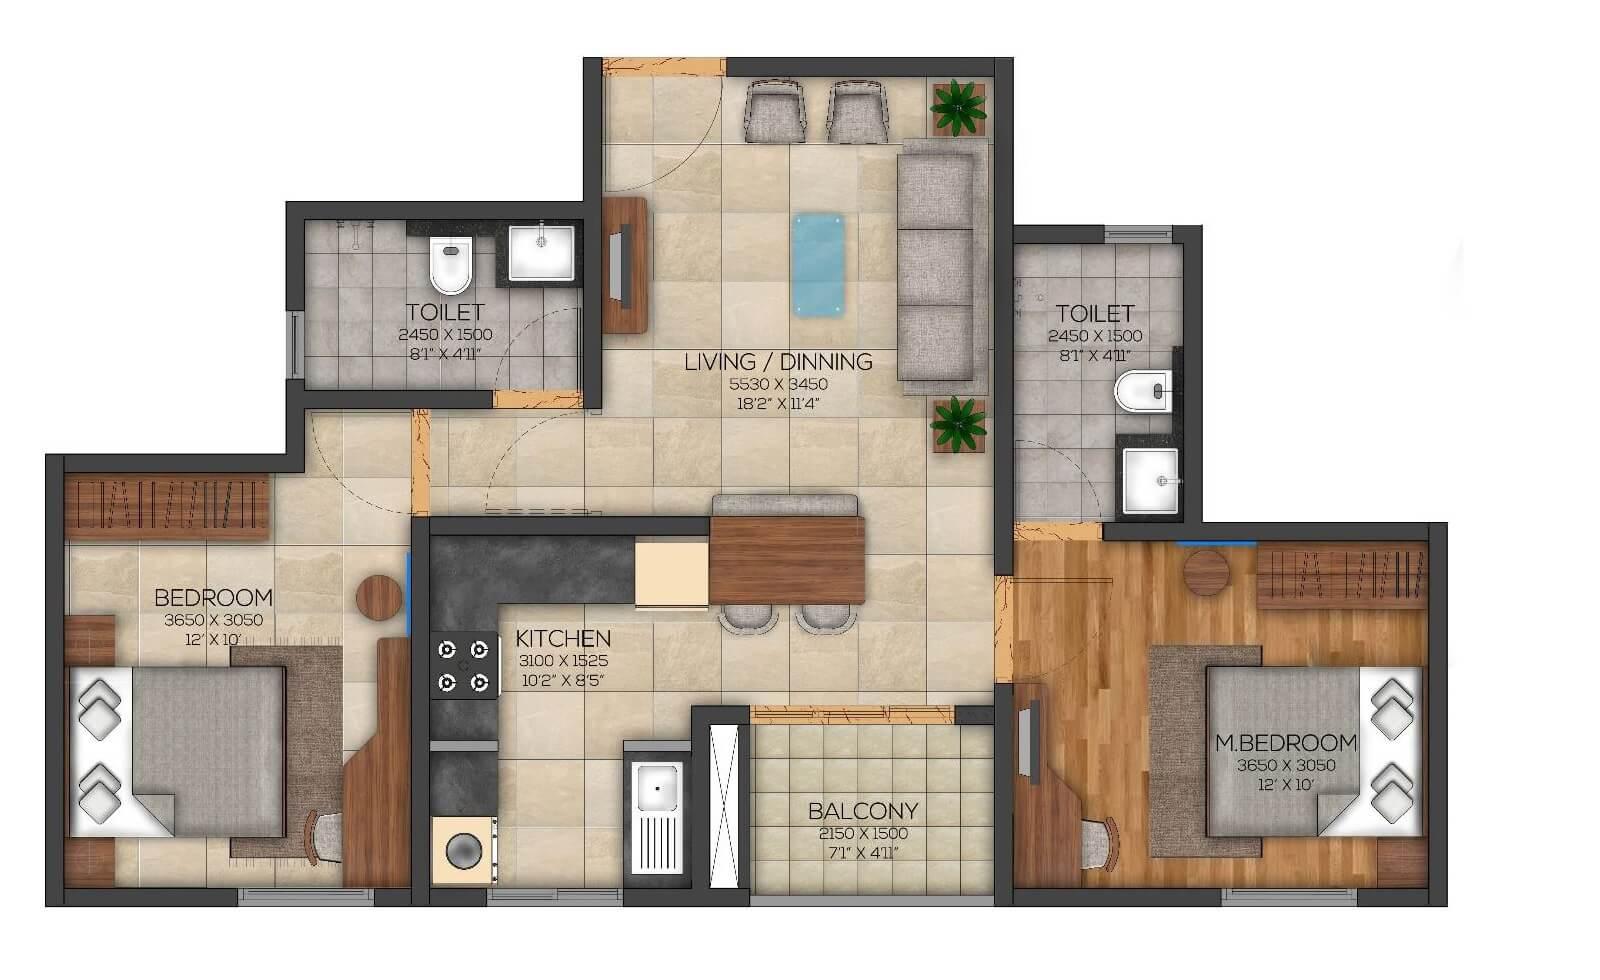 brigade utopia apartment 2bhk 664sqft 1